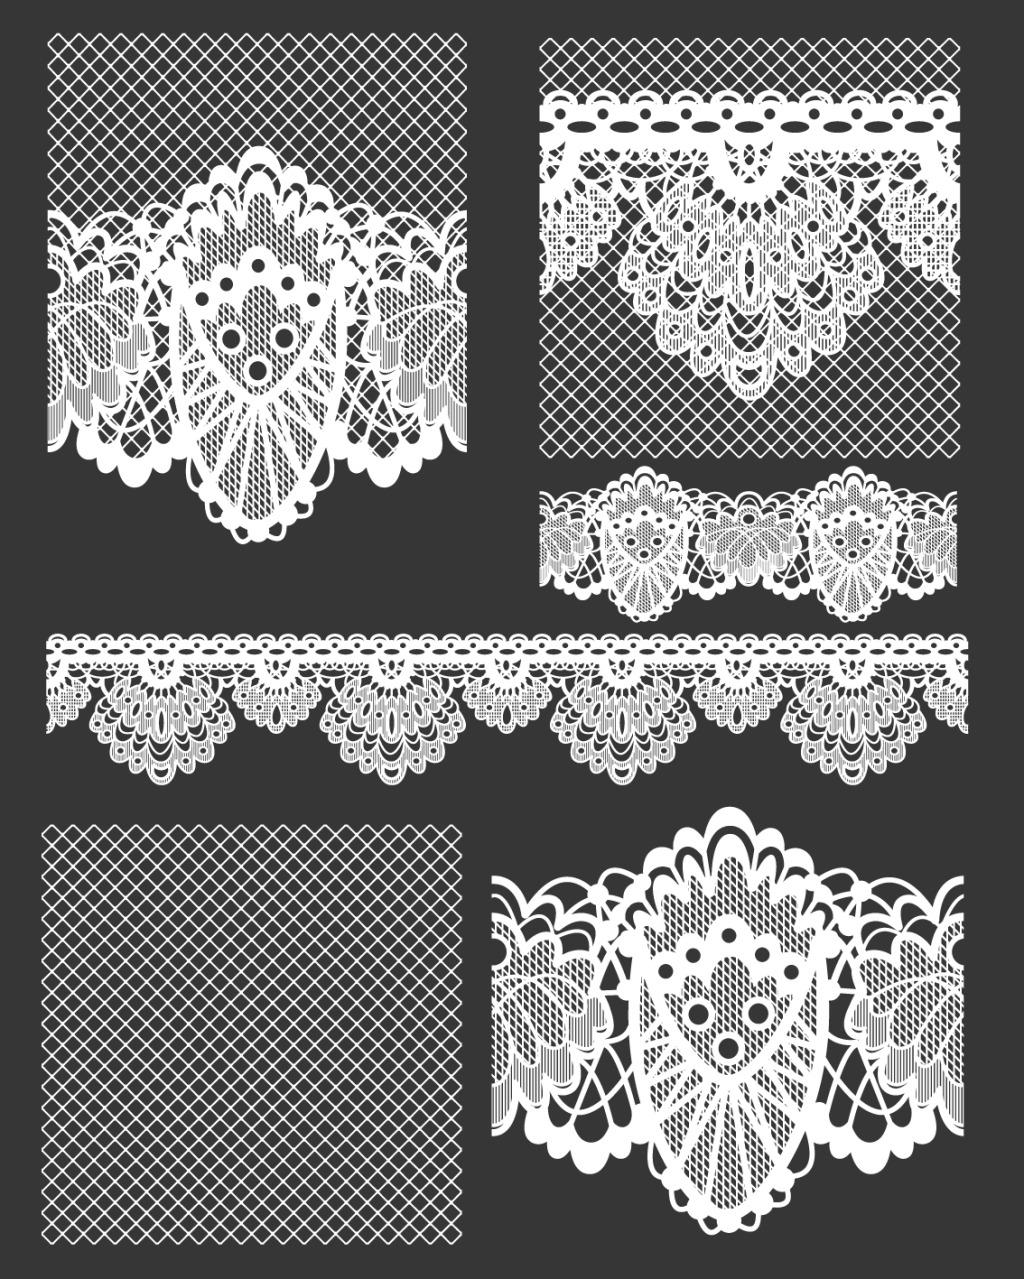 欧式 欧式 复古 花纹 蕾丝边设计